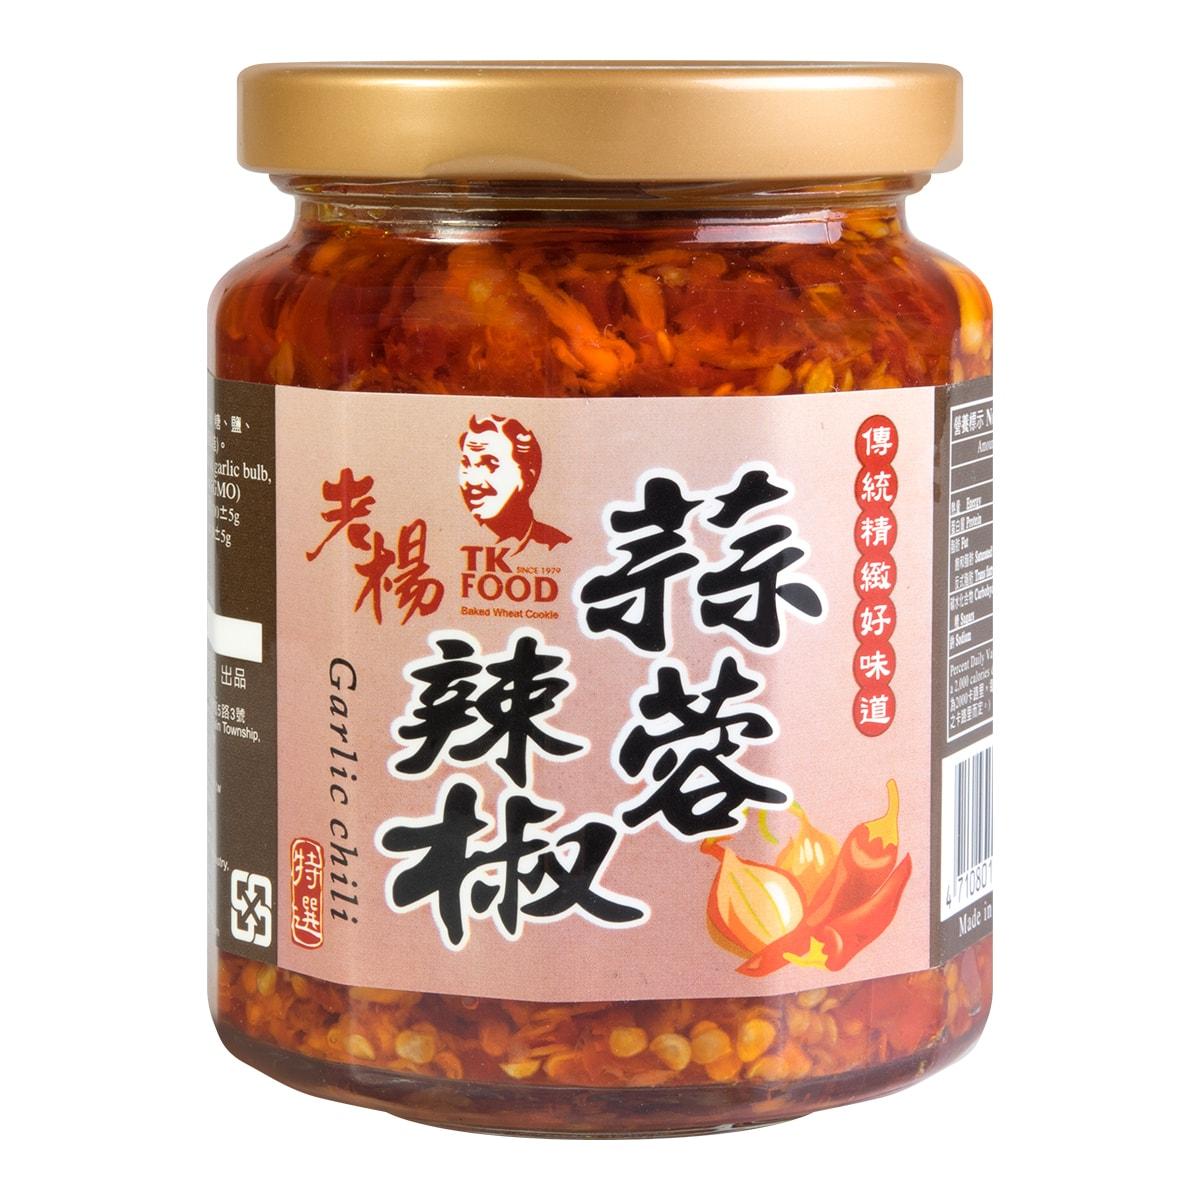 台湾老杨 蒜蓉辣椒酱 280g